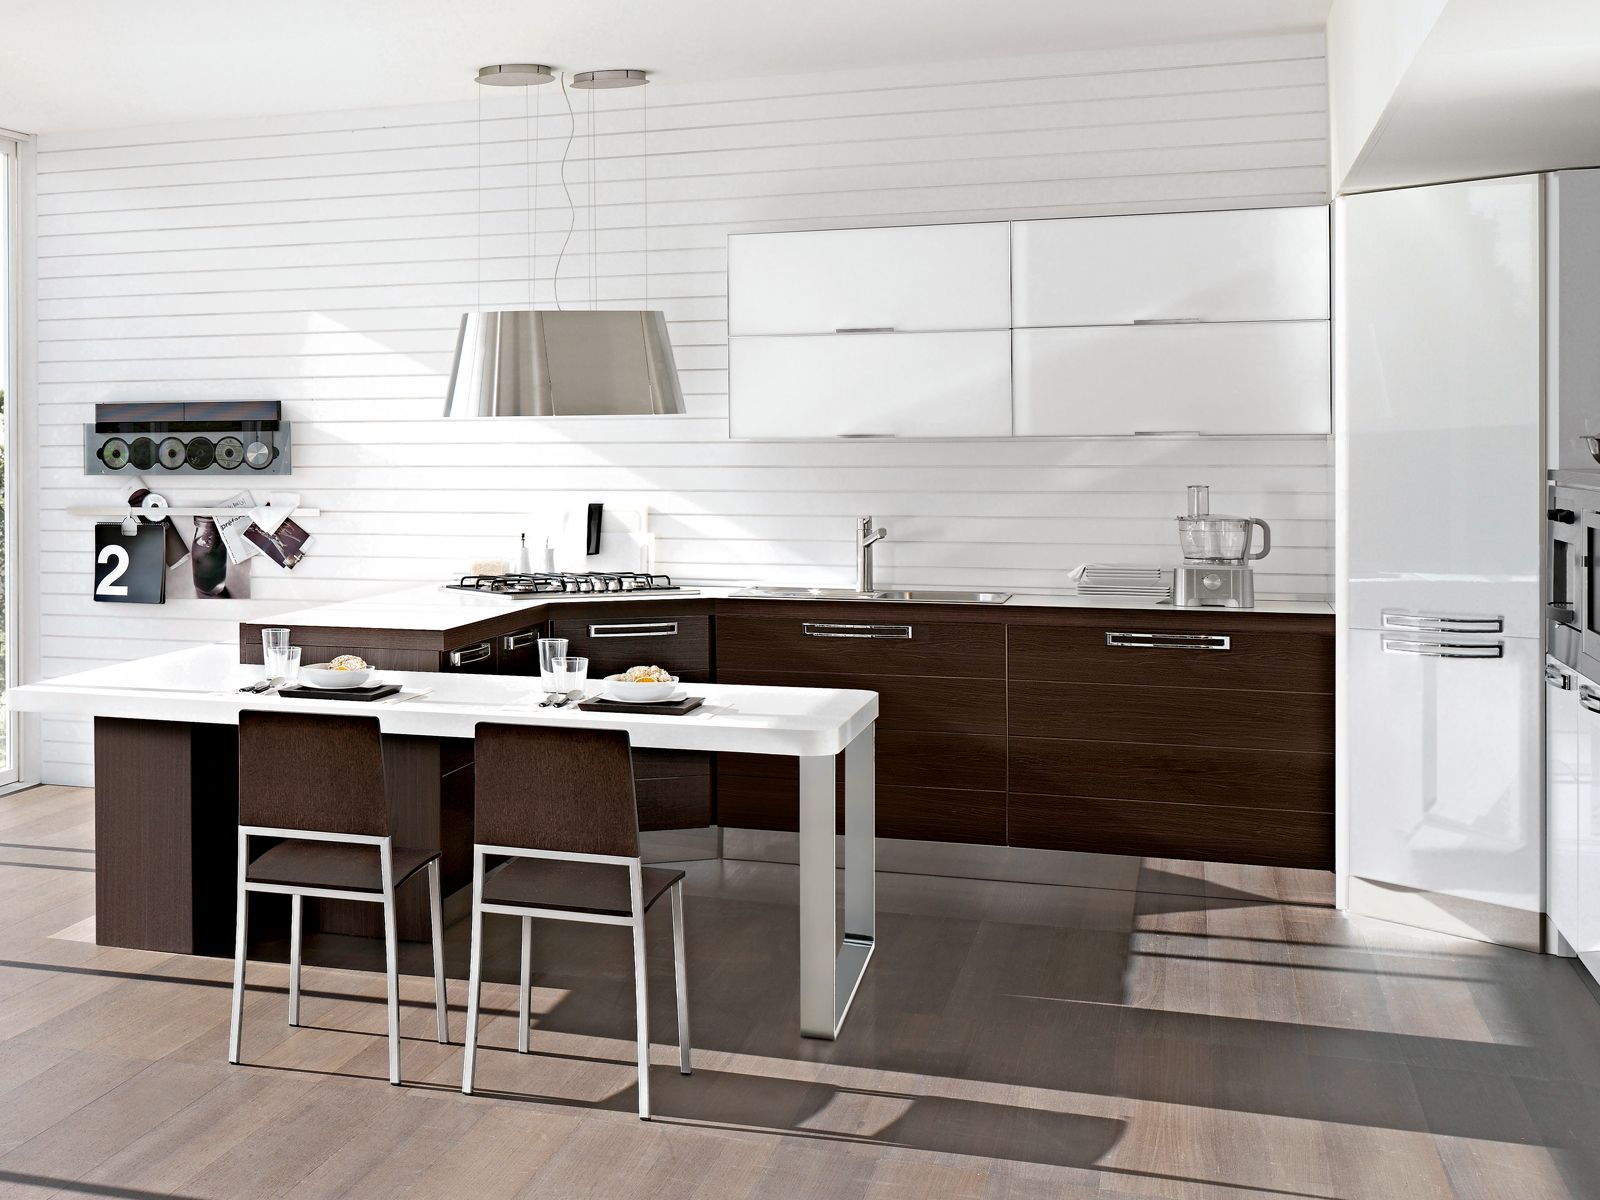 La cucina in soggiorno ranges kitchen decor and for Soluzioni economiche per arredare casa